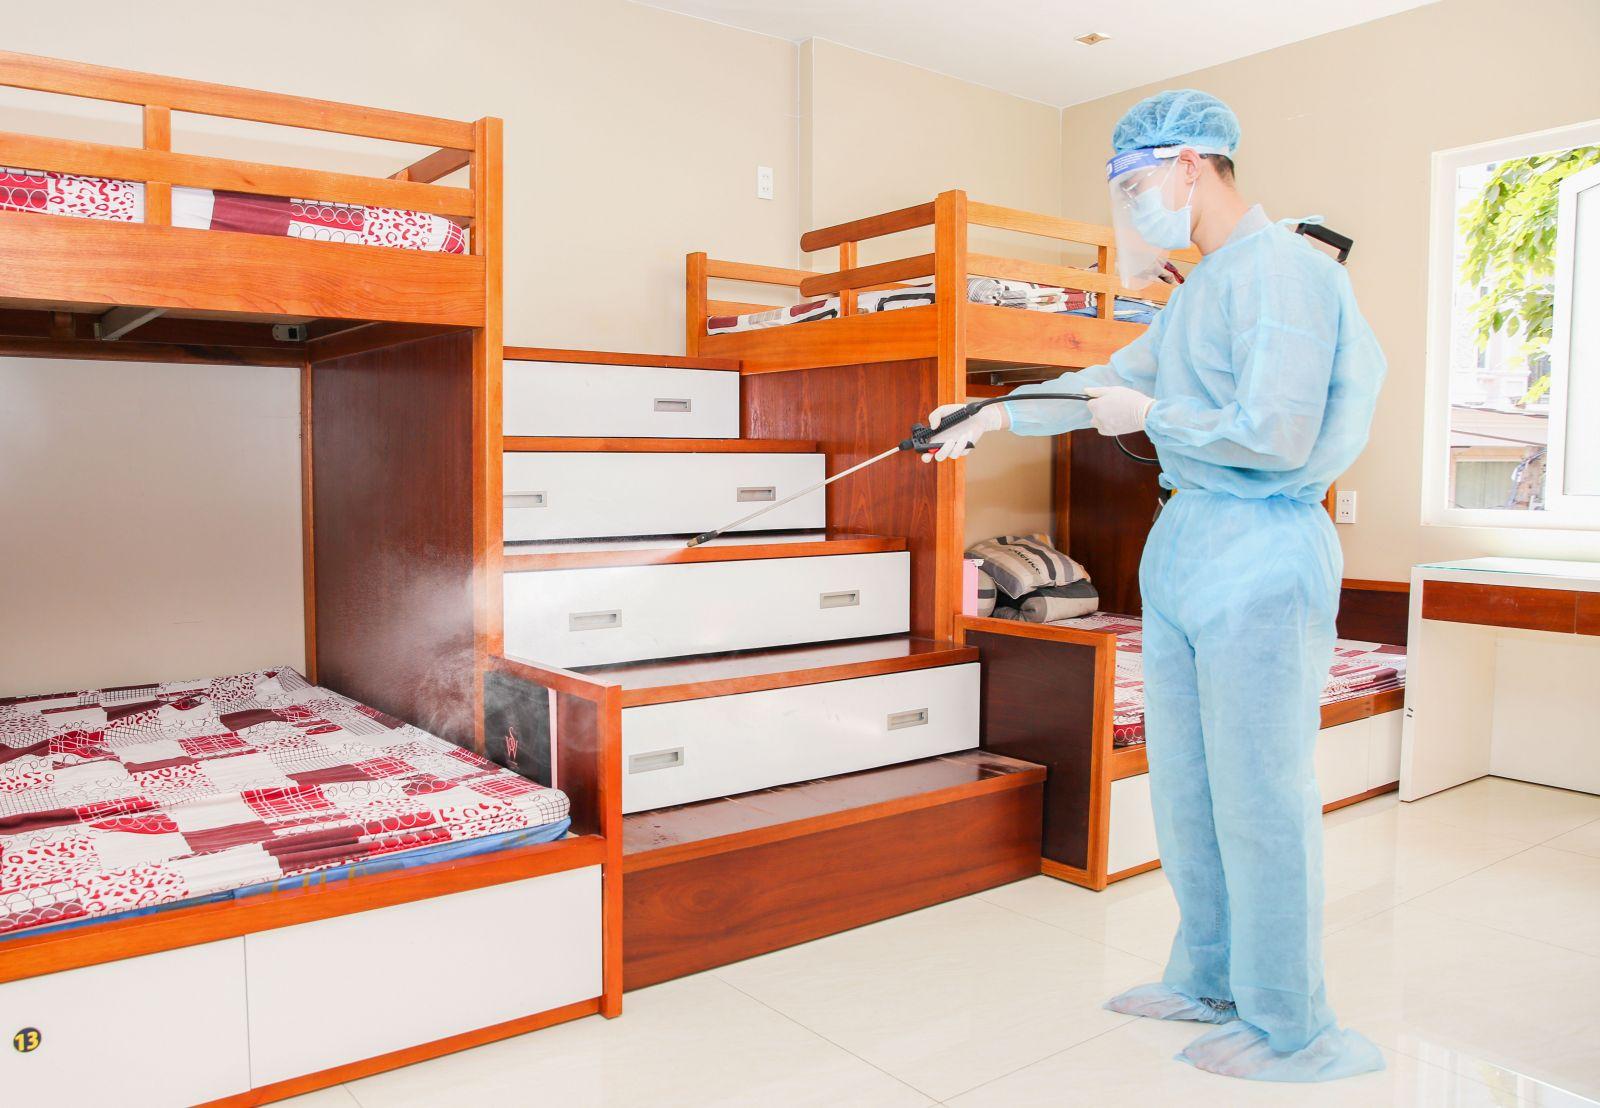 Thẩm mỹ viện Ngọc Dung tiên phong tự chủ động cho nhân viên cách ly tập trung sau kỳ nghỉ Tết